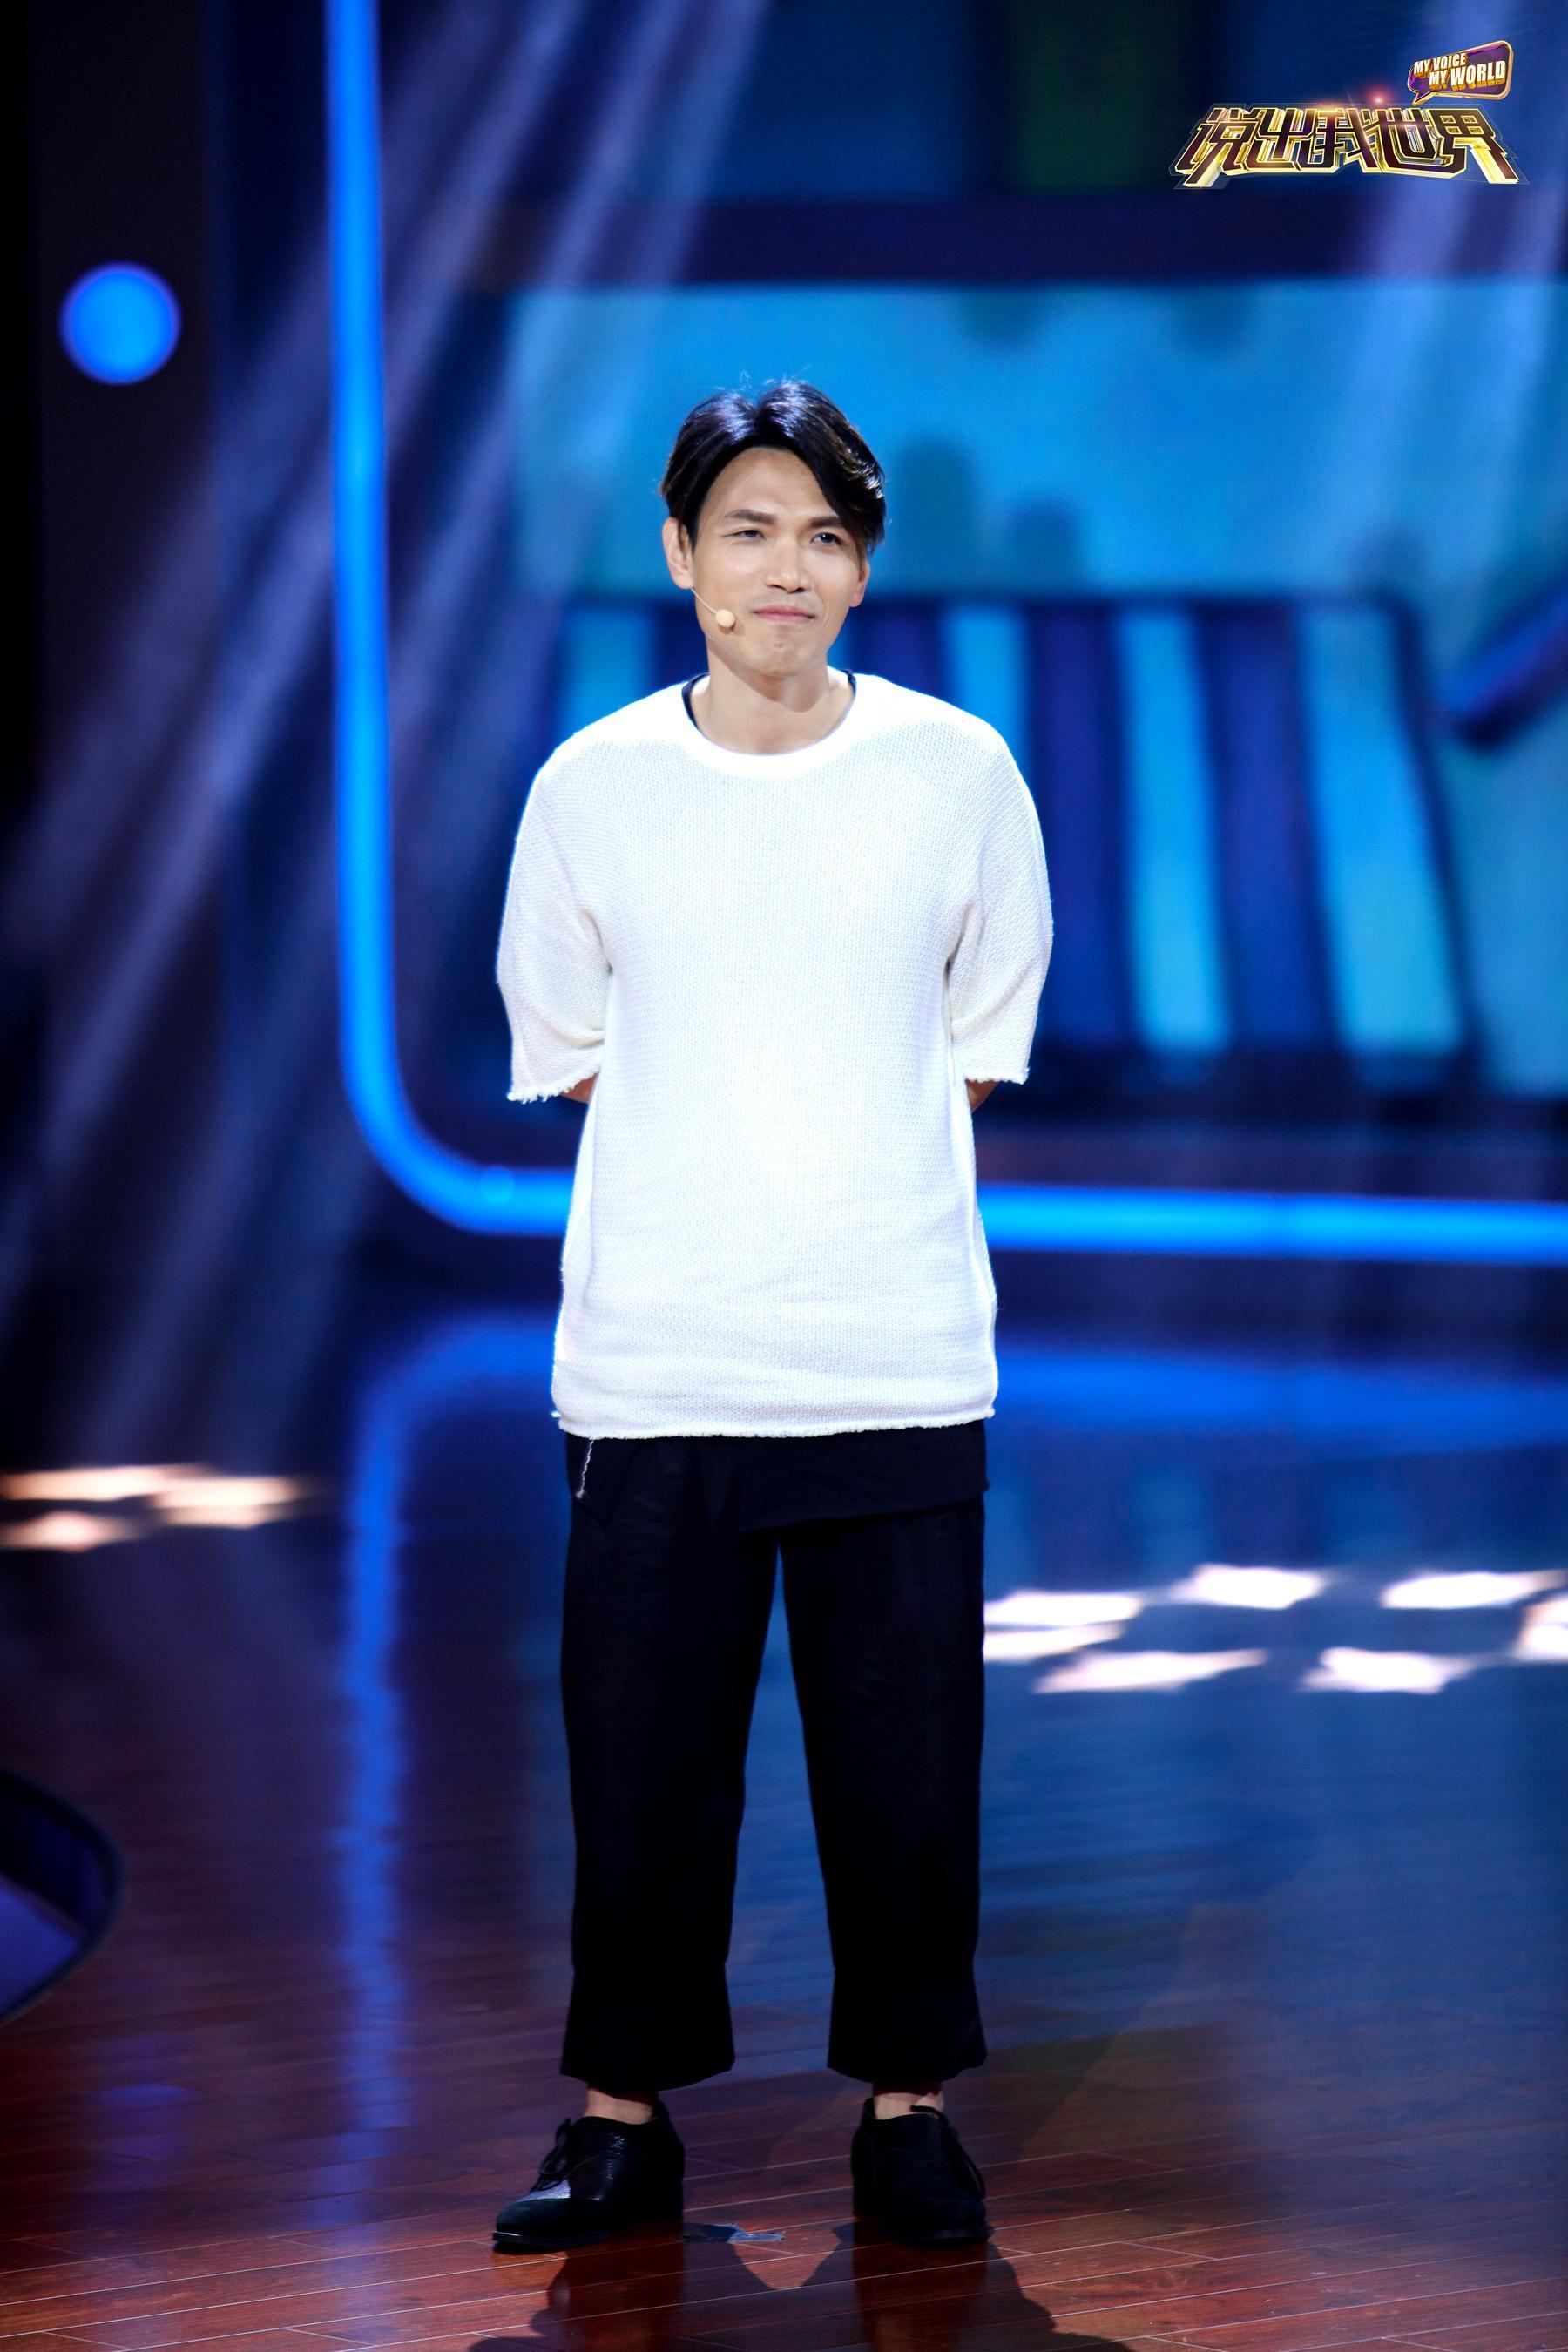 【星娱TV】杨宗纬曾排斥唱歌给大家听:不愿做高产歌手